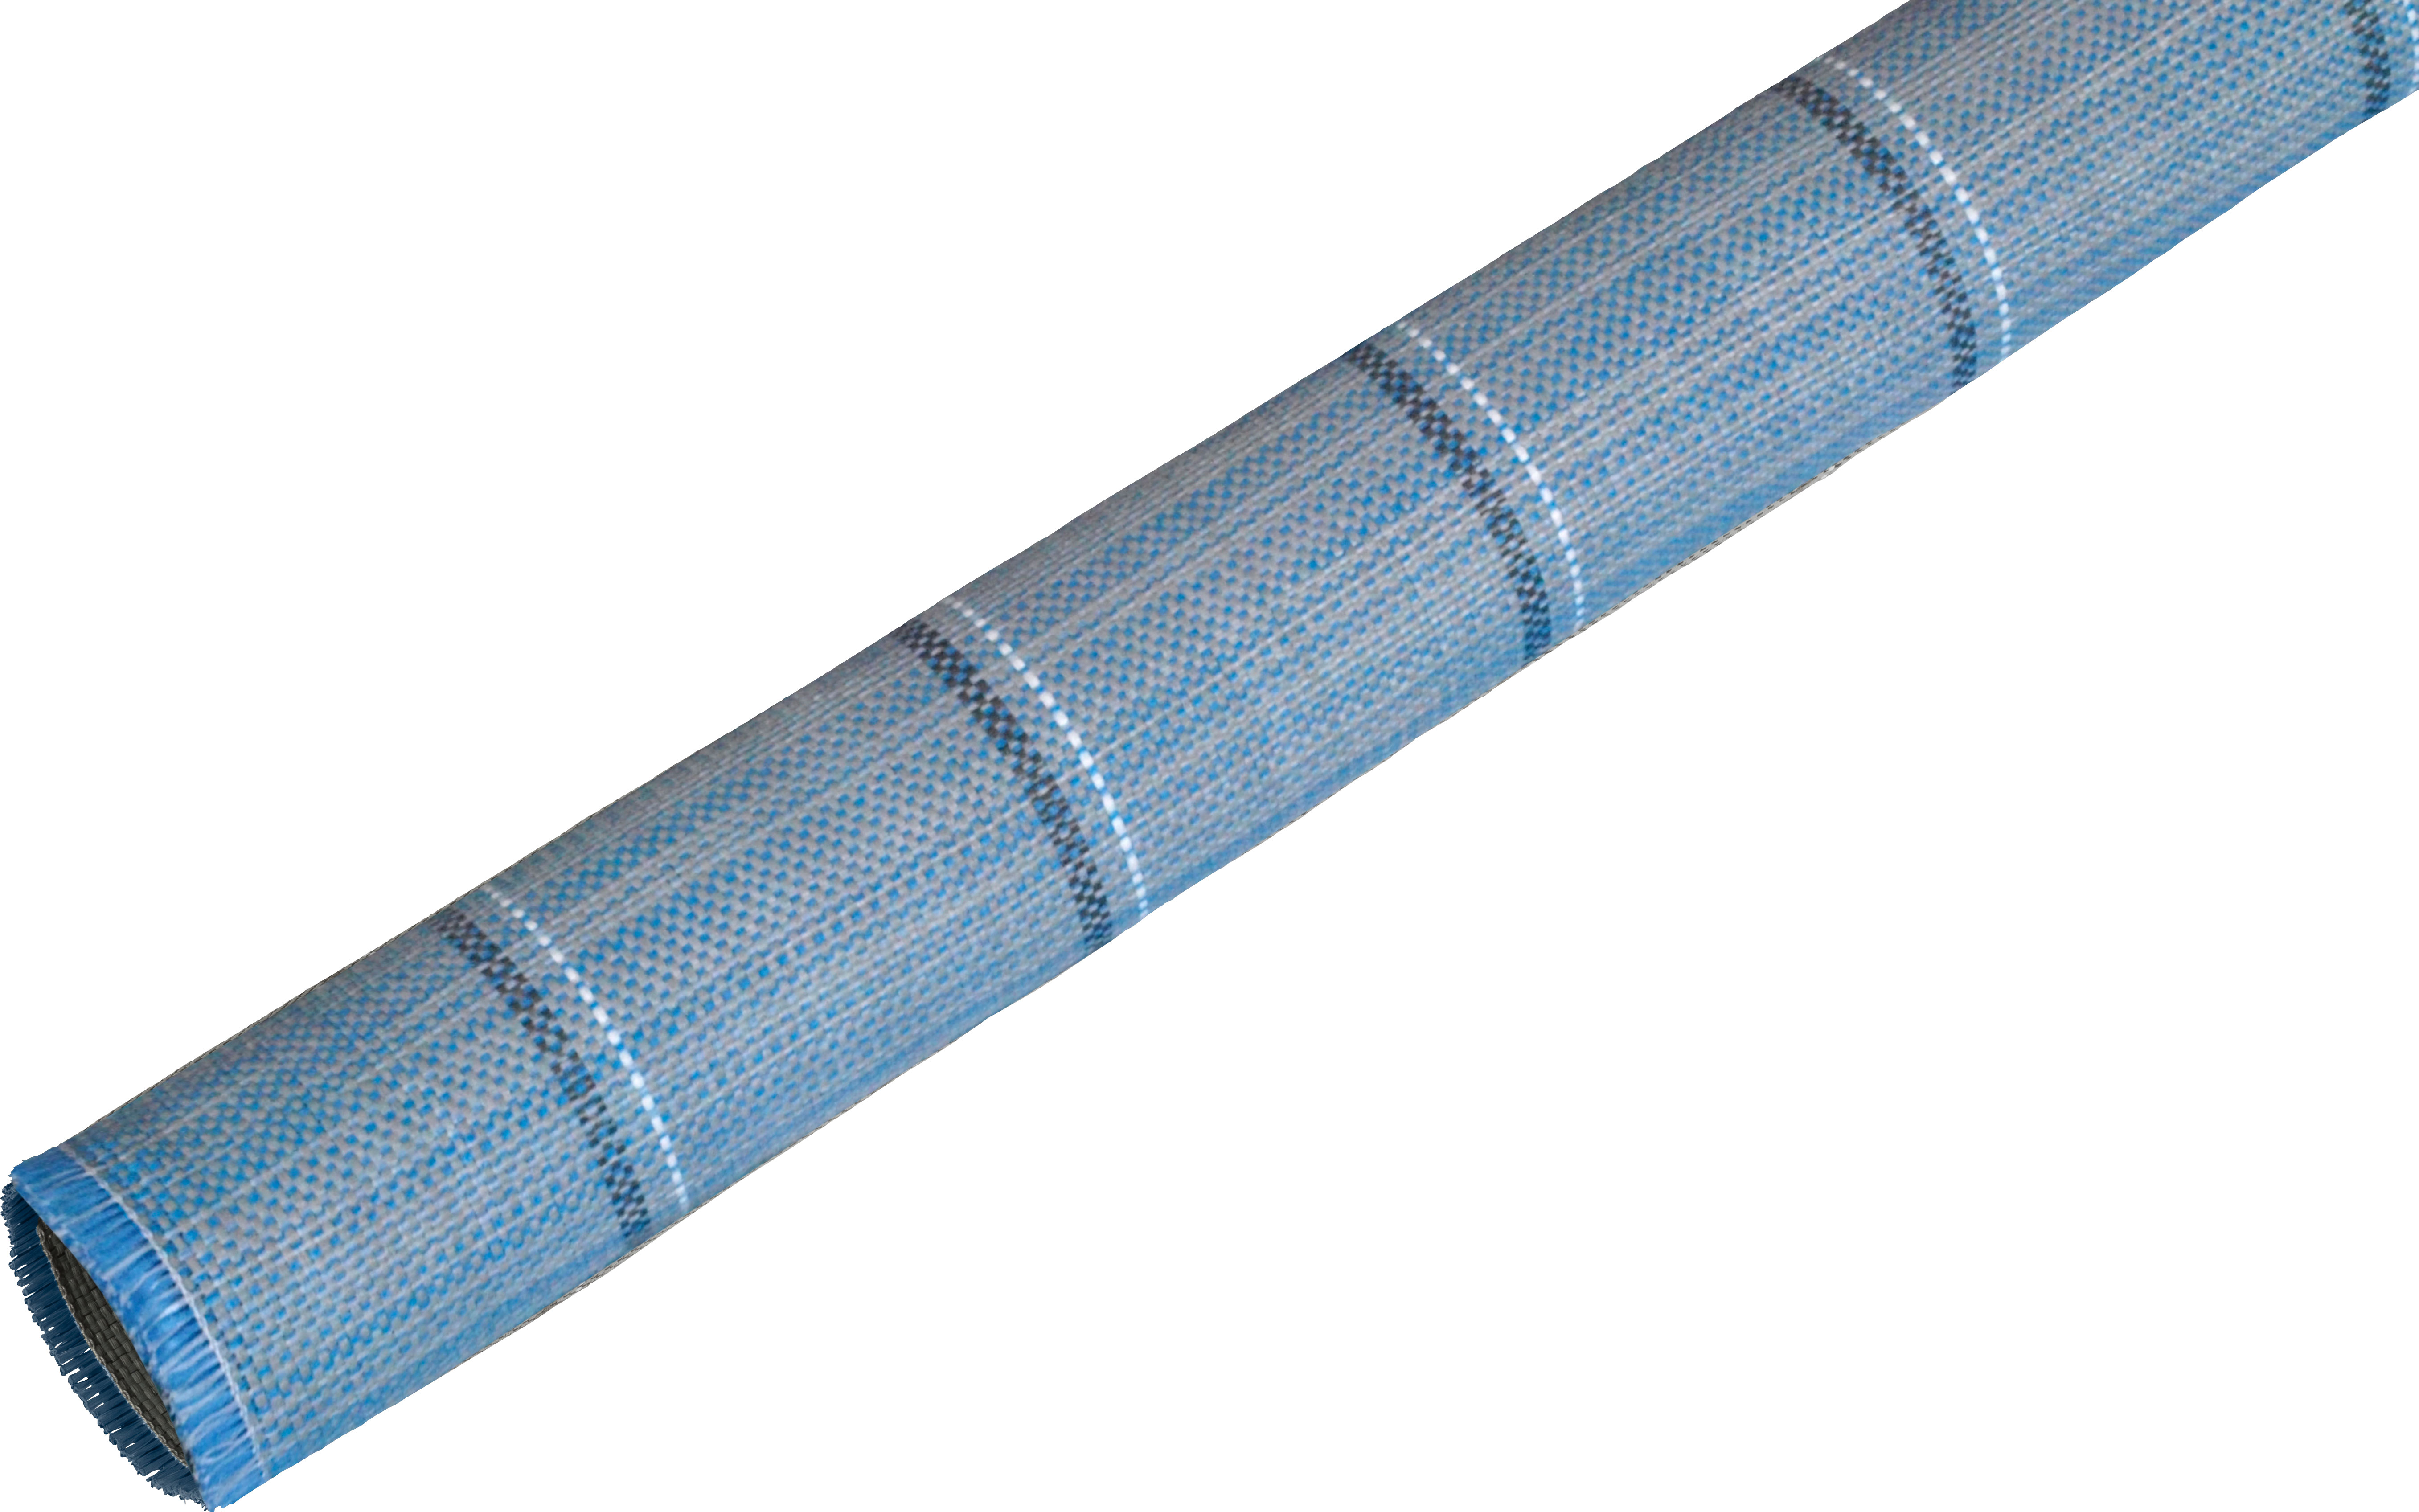 Zeltteppich Exclusiv blau | 08012243500430